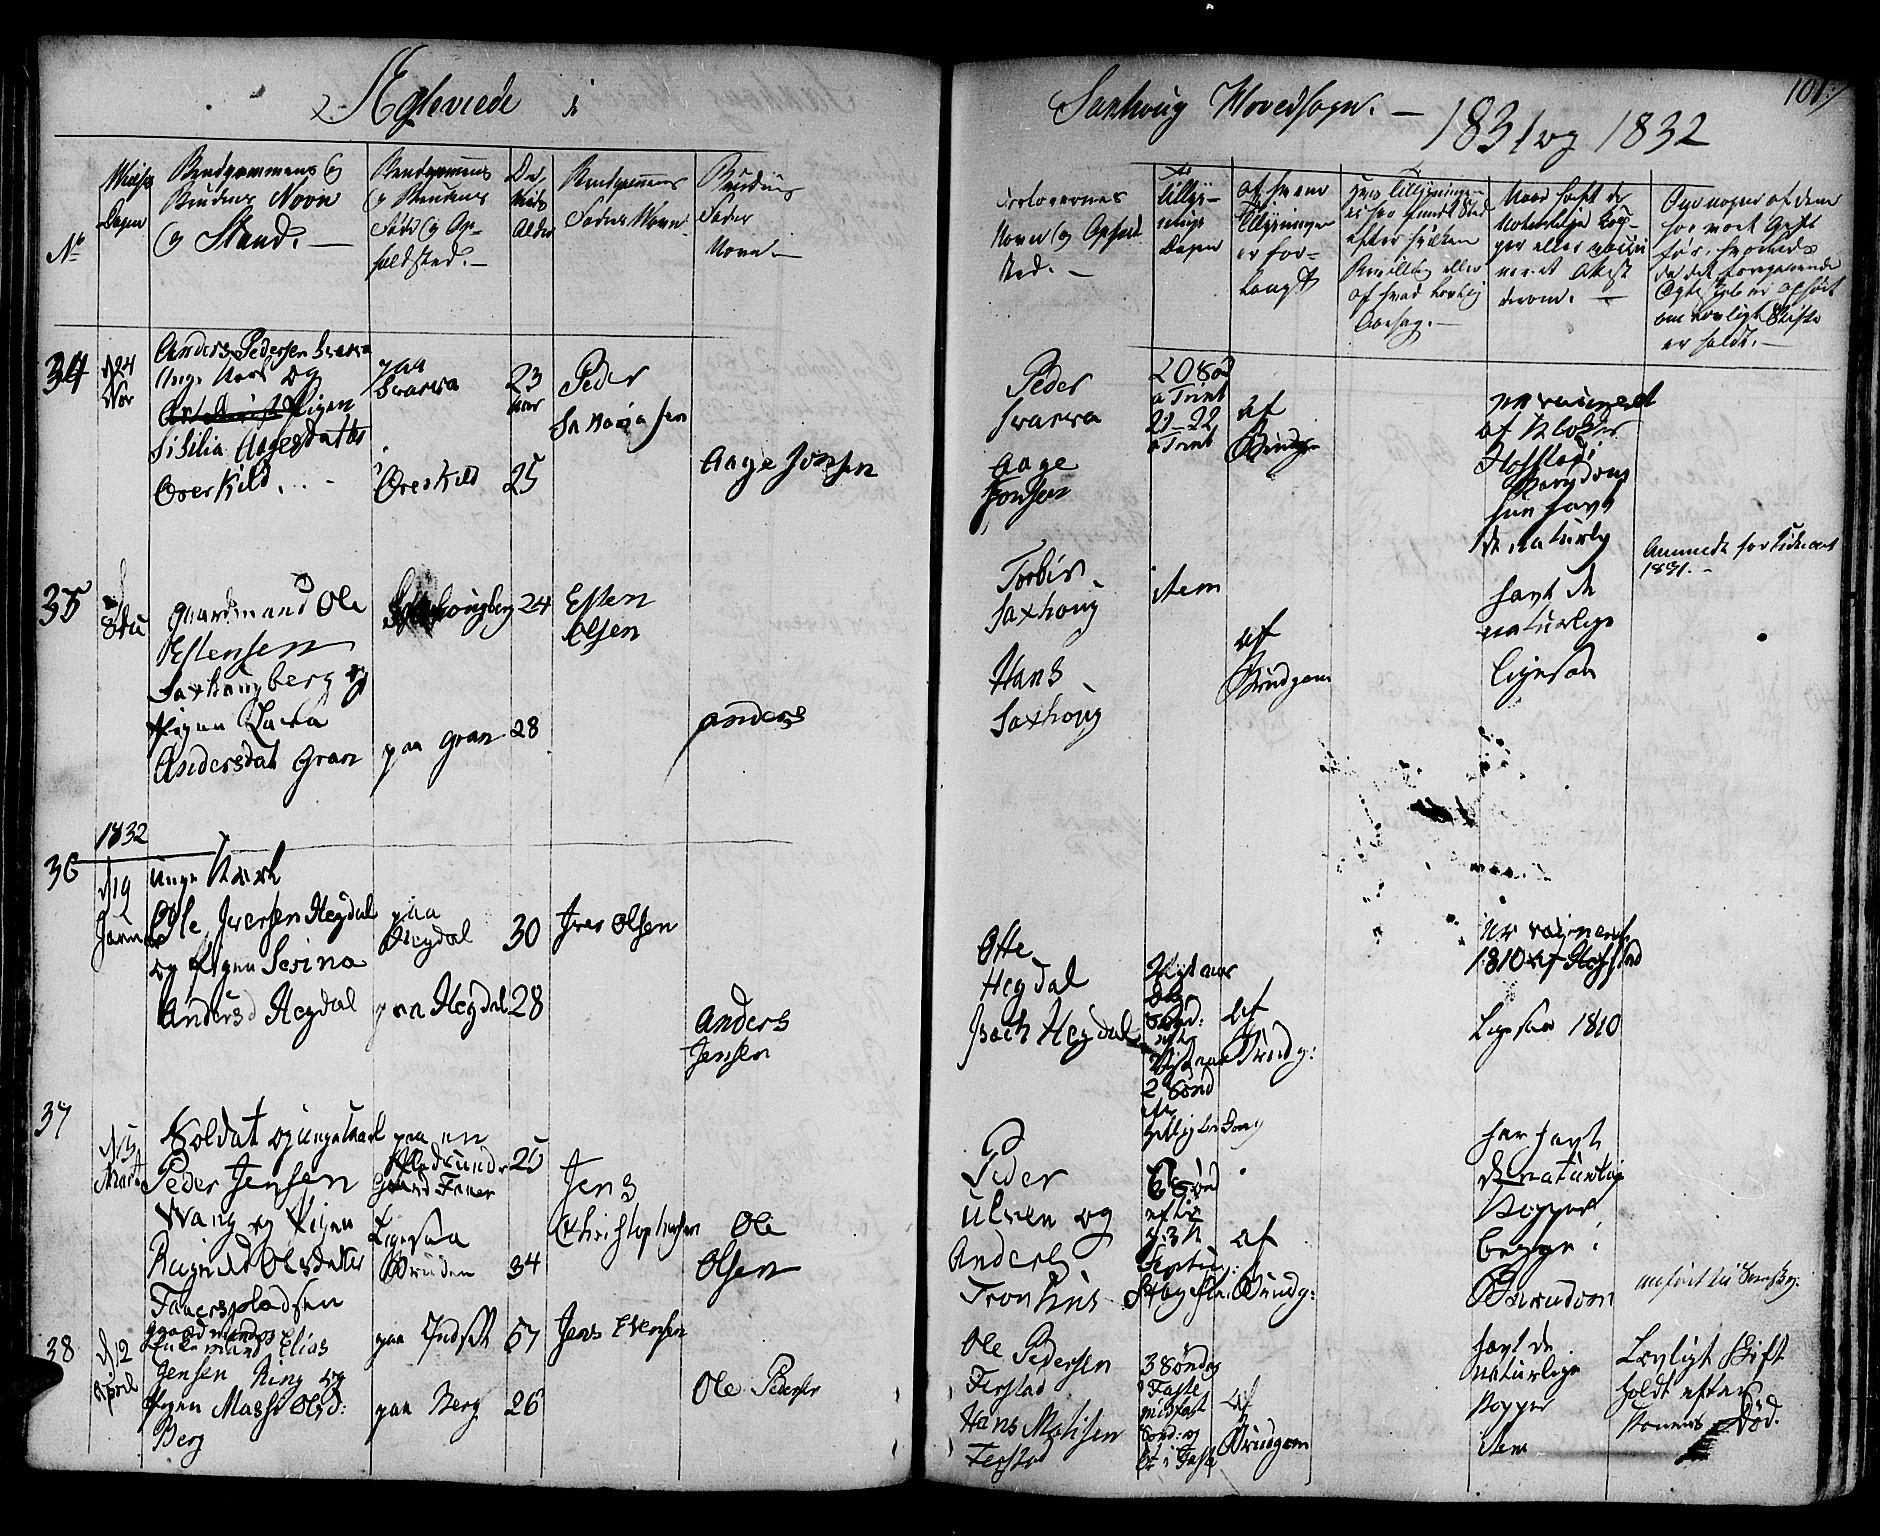 SAT, Ministerialprotokoller, klokkerbøker og fødselsregistre - Nord-Trøndelag, 730/L0277: Ministerialbok nr. 730A06 /1, 1830-1839, s. 101